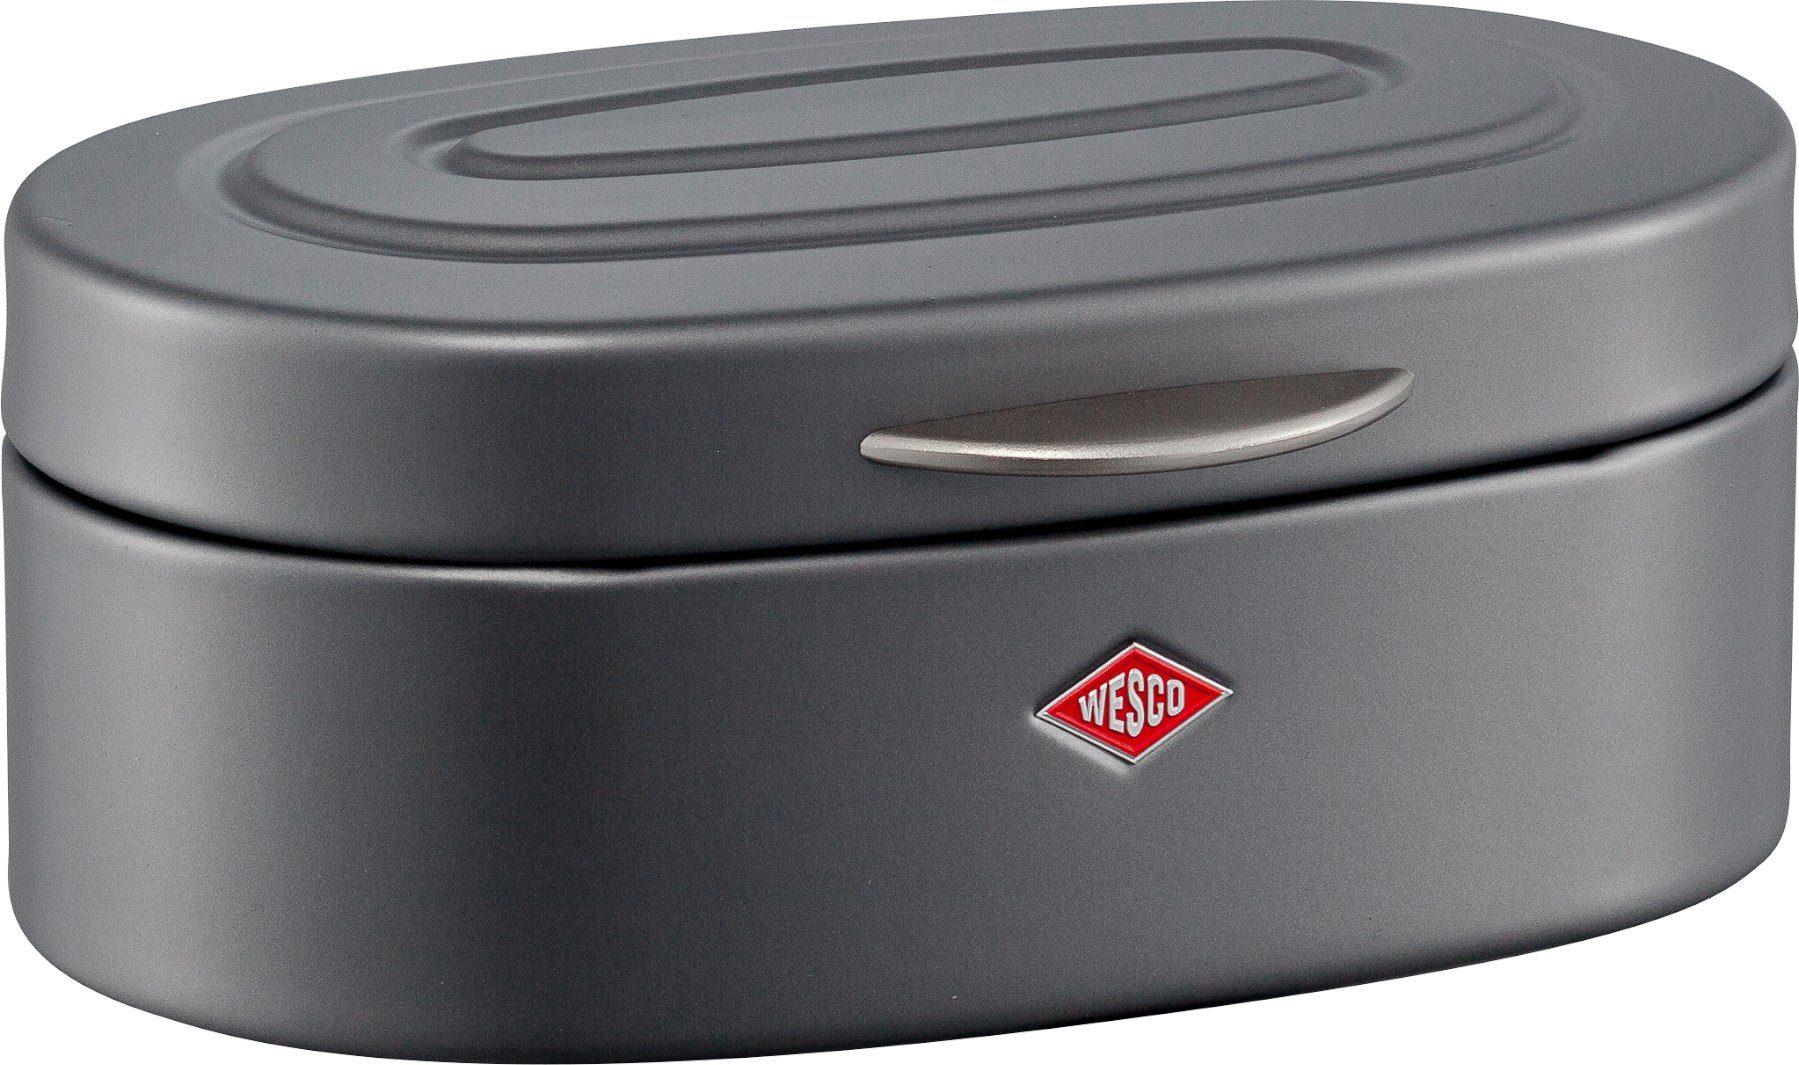 Wesco Aufbewahrungsbehälter MINI ELLY grau Aufbewahrung Küchenhelfer Haushaltswaren